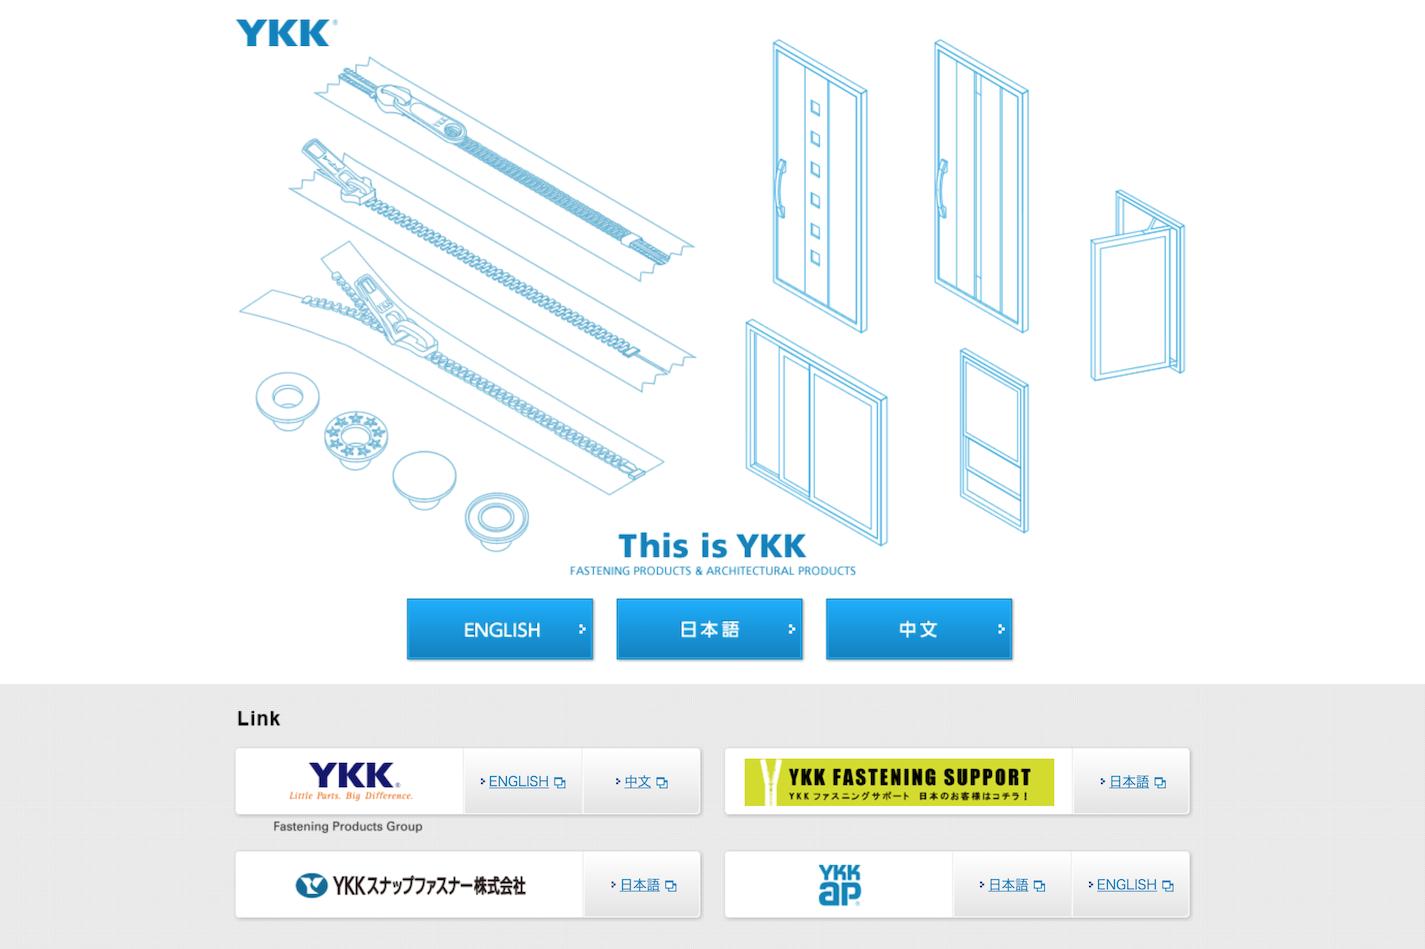 疫情冲击全球服装业,日本拉链巨头 YKK 上财年销售额和营业利润双下滑